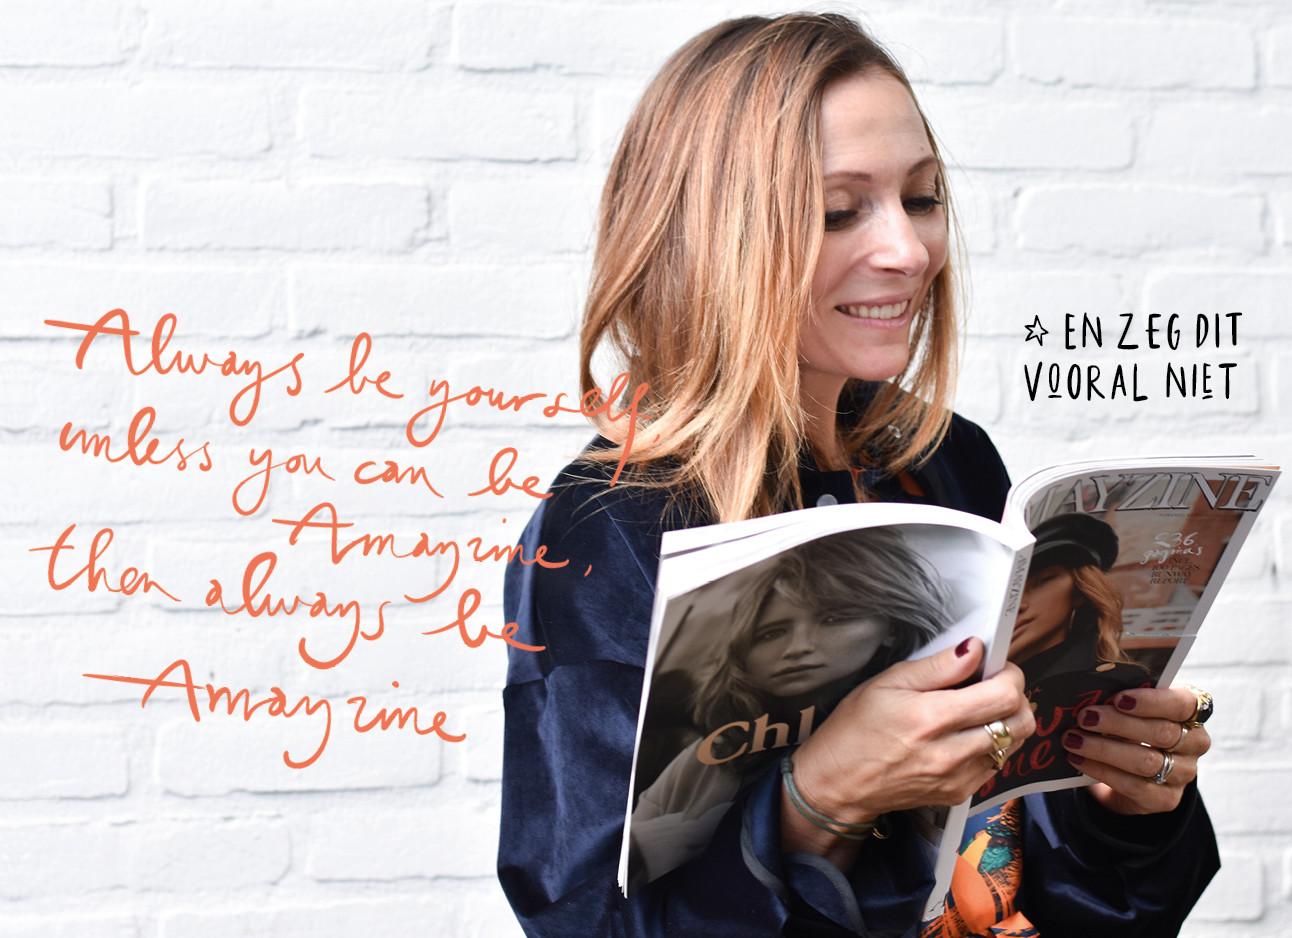 May-Britt lees haar eigen blad